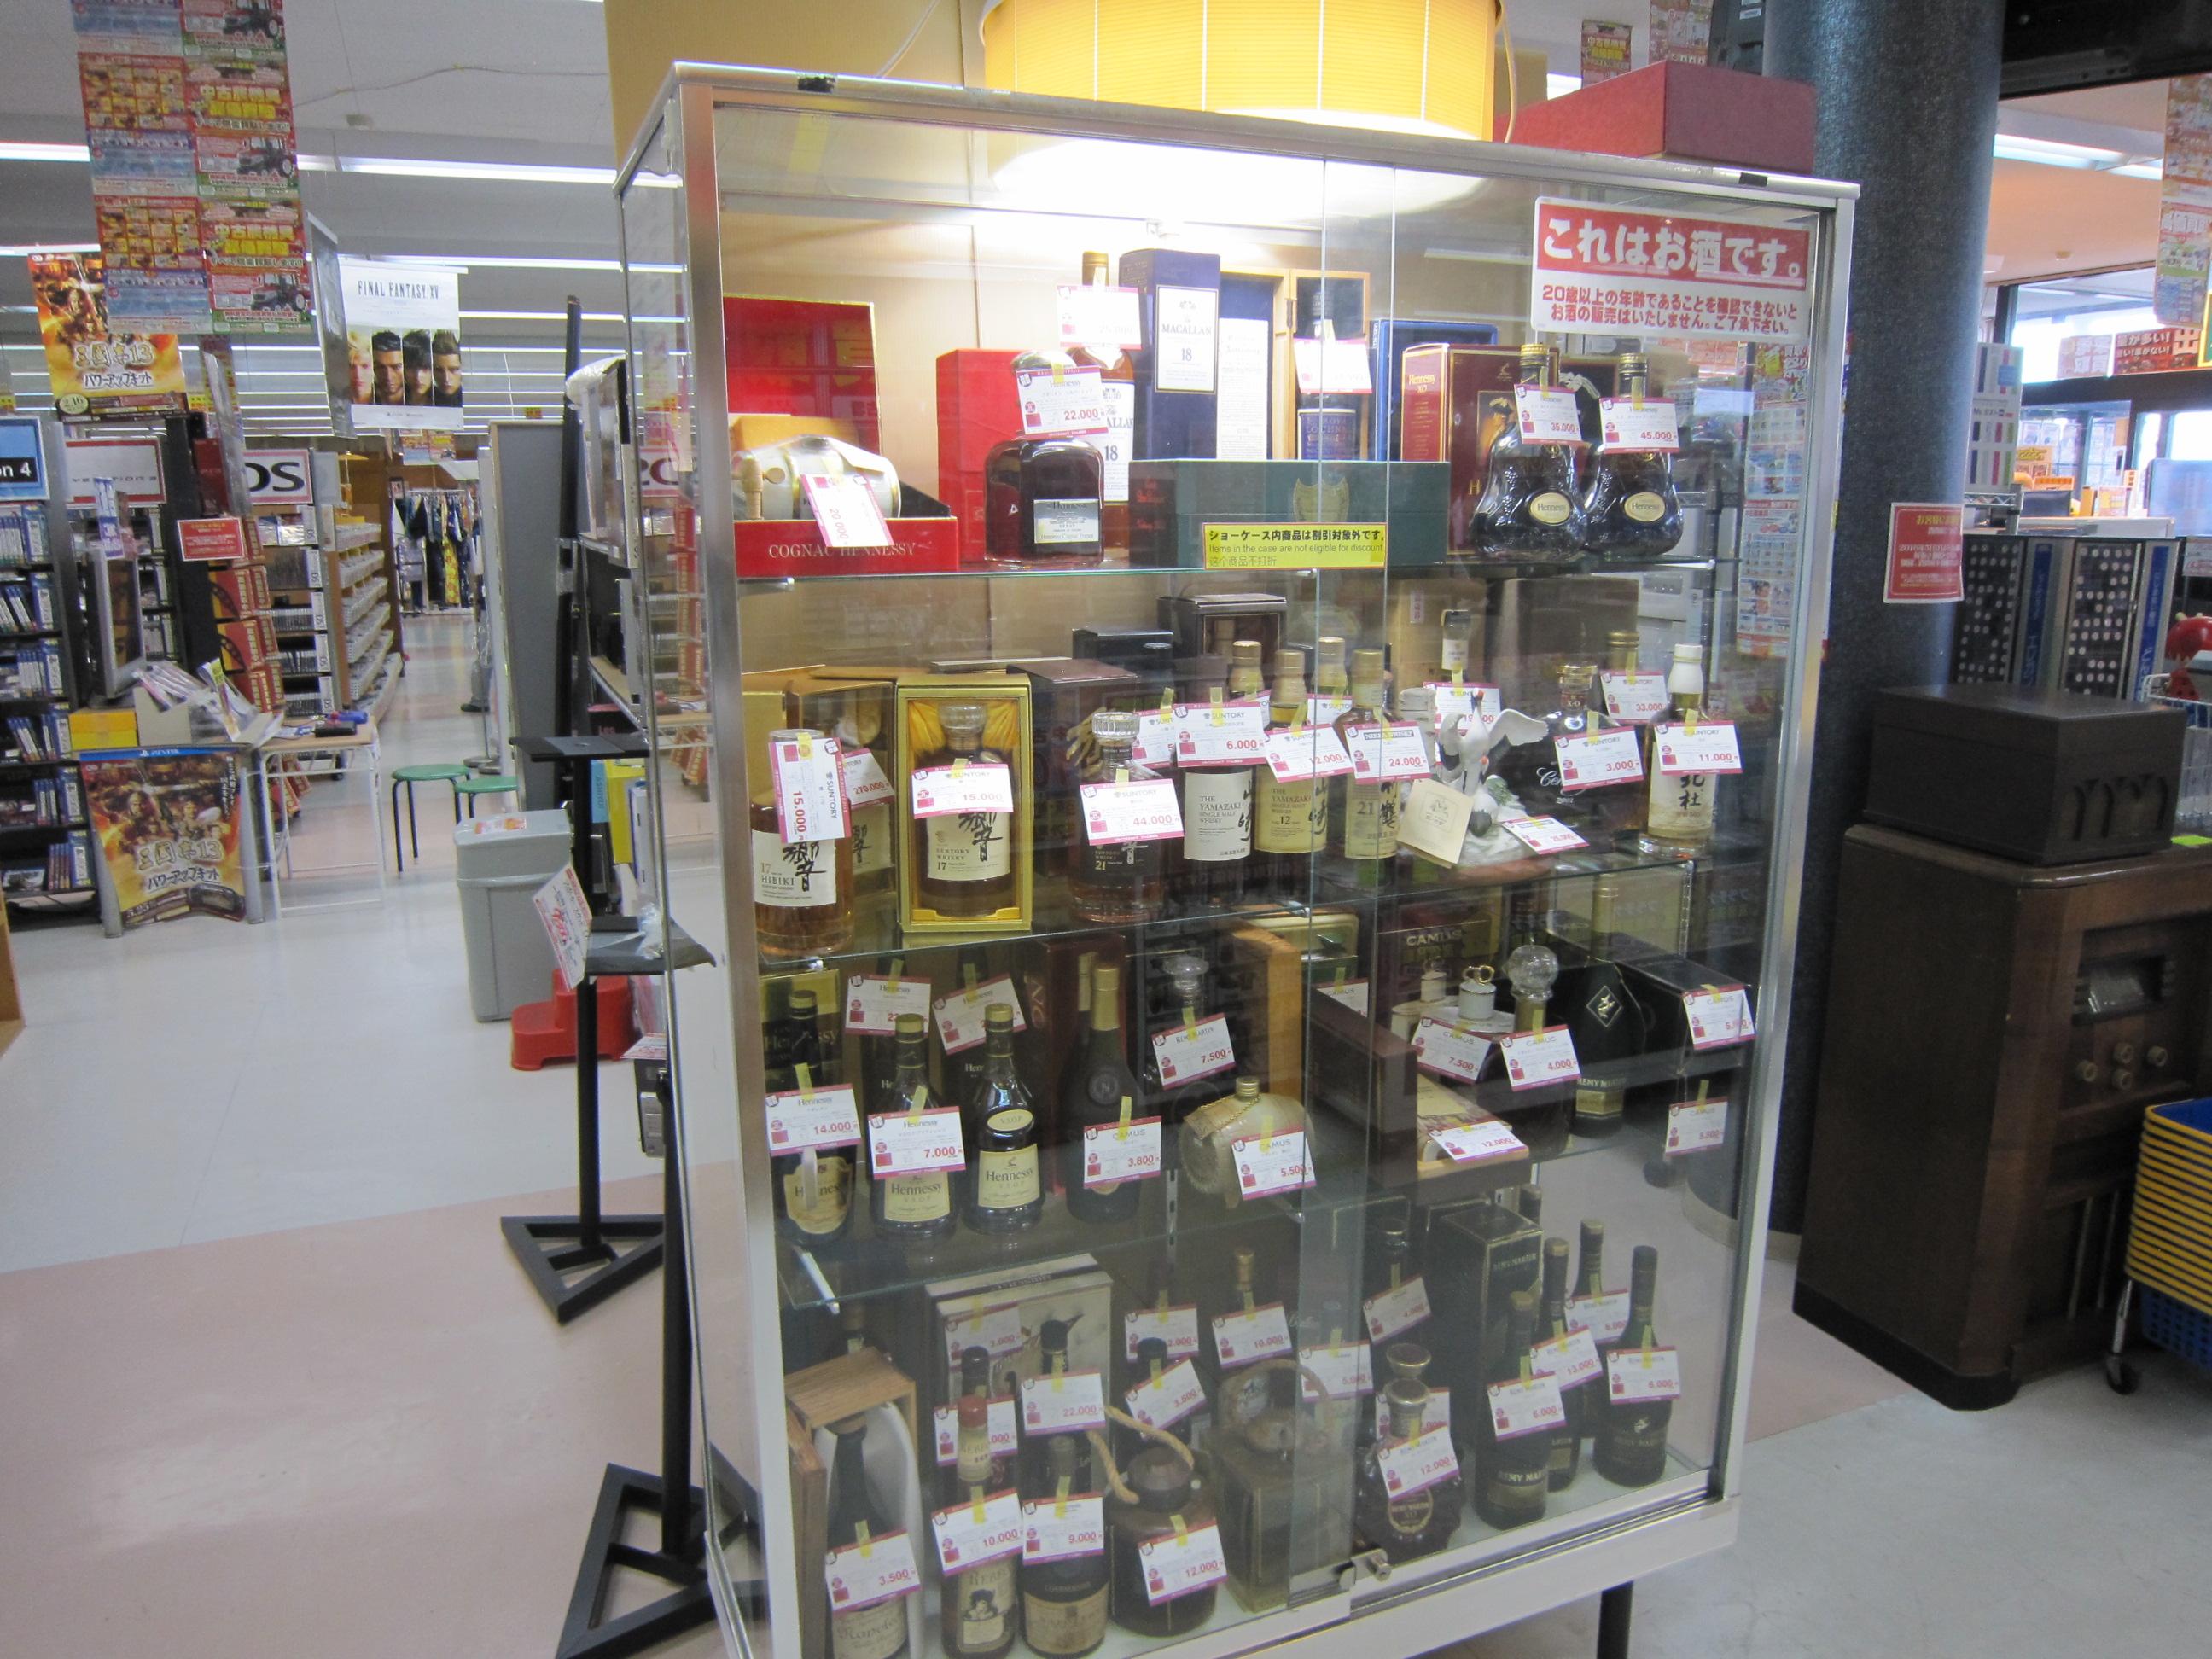 1b5a1bdf978d 高額な洋酒はショーケースにて展示販売しています。 販売許可取得店舗ですのでご安心してご購入できます。 (鳥酒e第126号)